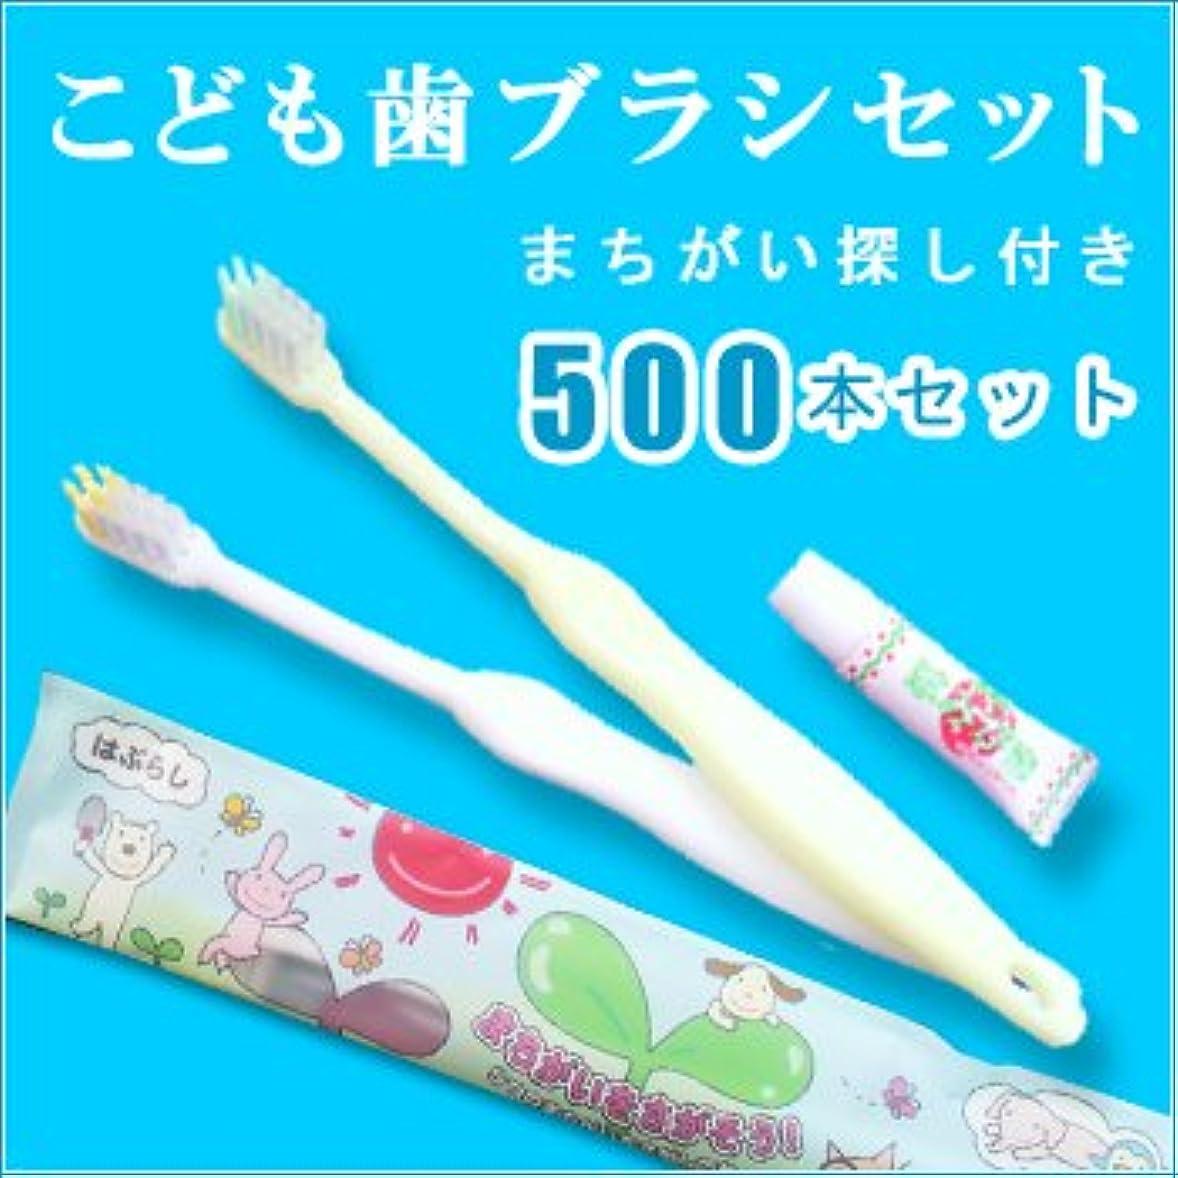 教育するジョセフバンクス診断するこども用歯ブラシ いちご味の歯磨き粉 3gチューブ付 ホワイト?イエロー2色アソート(1セット500本)1本当たり34円